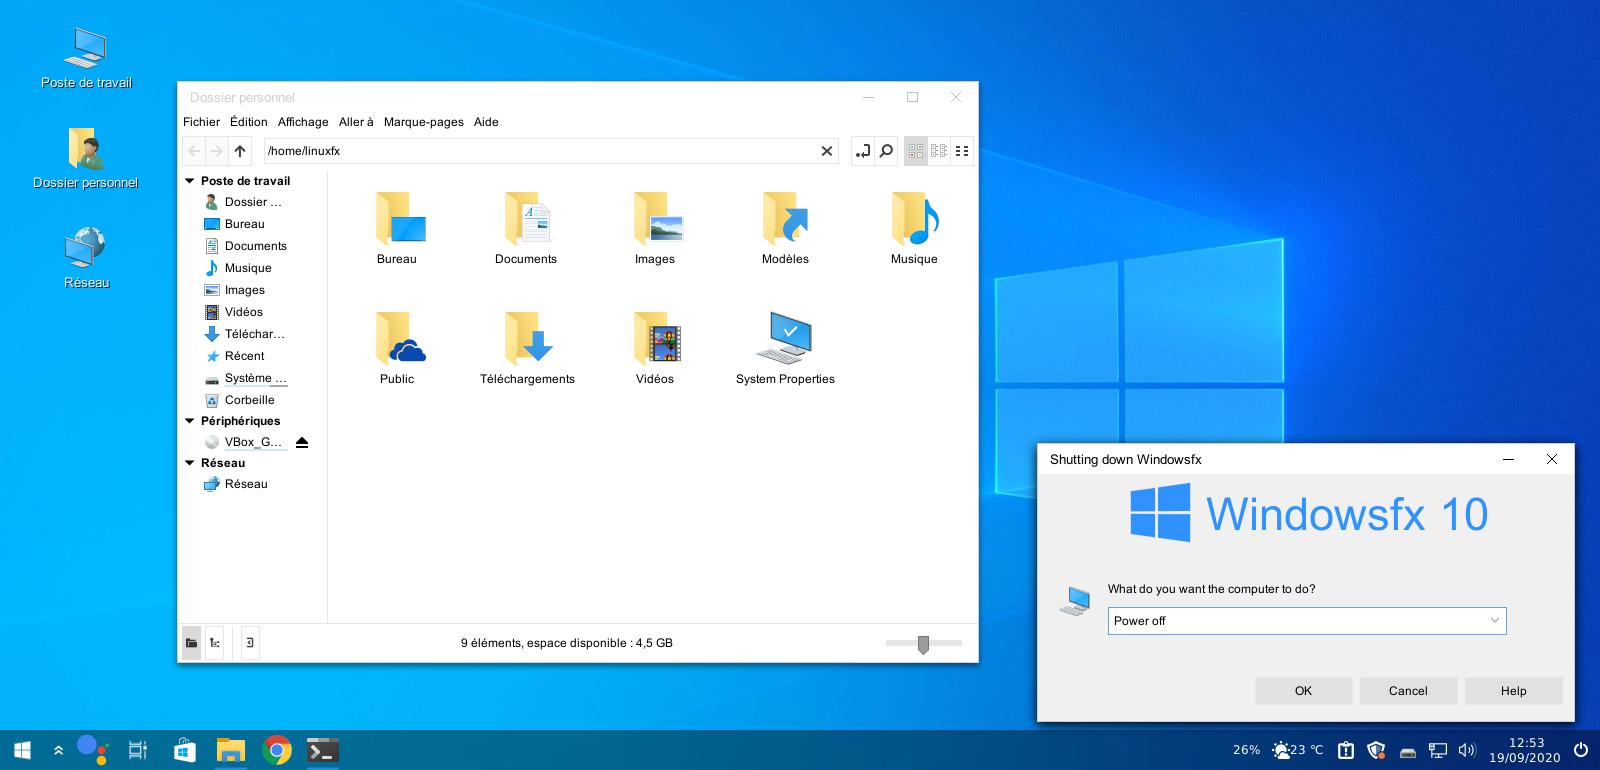 Windowsfx 10, c'est du Linux !